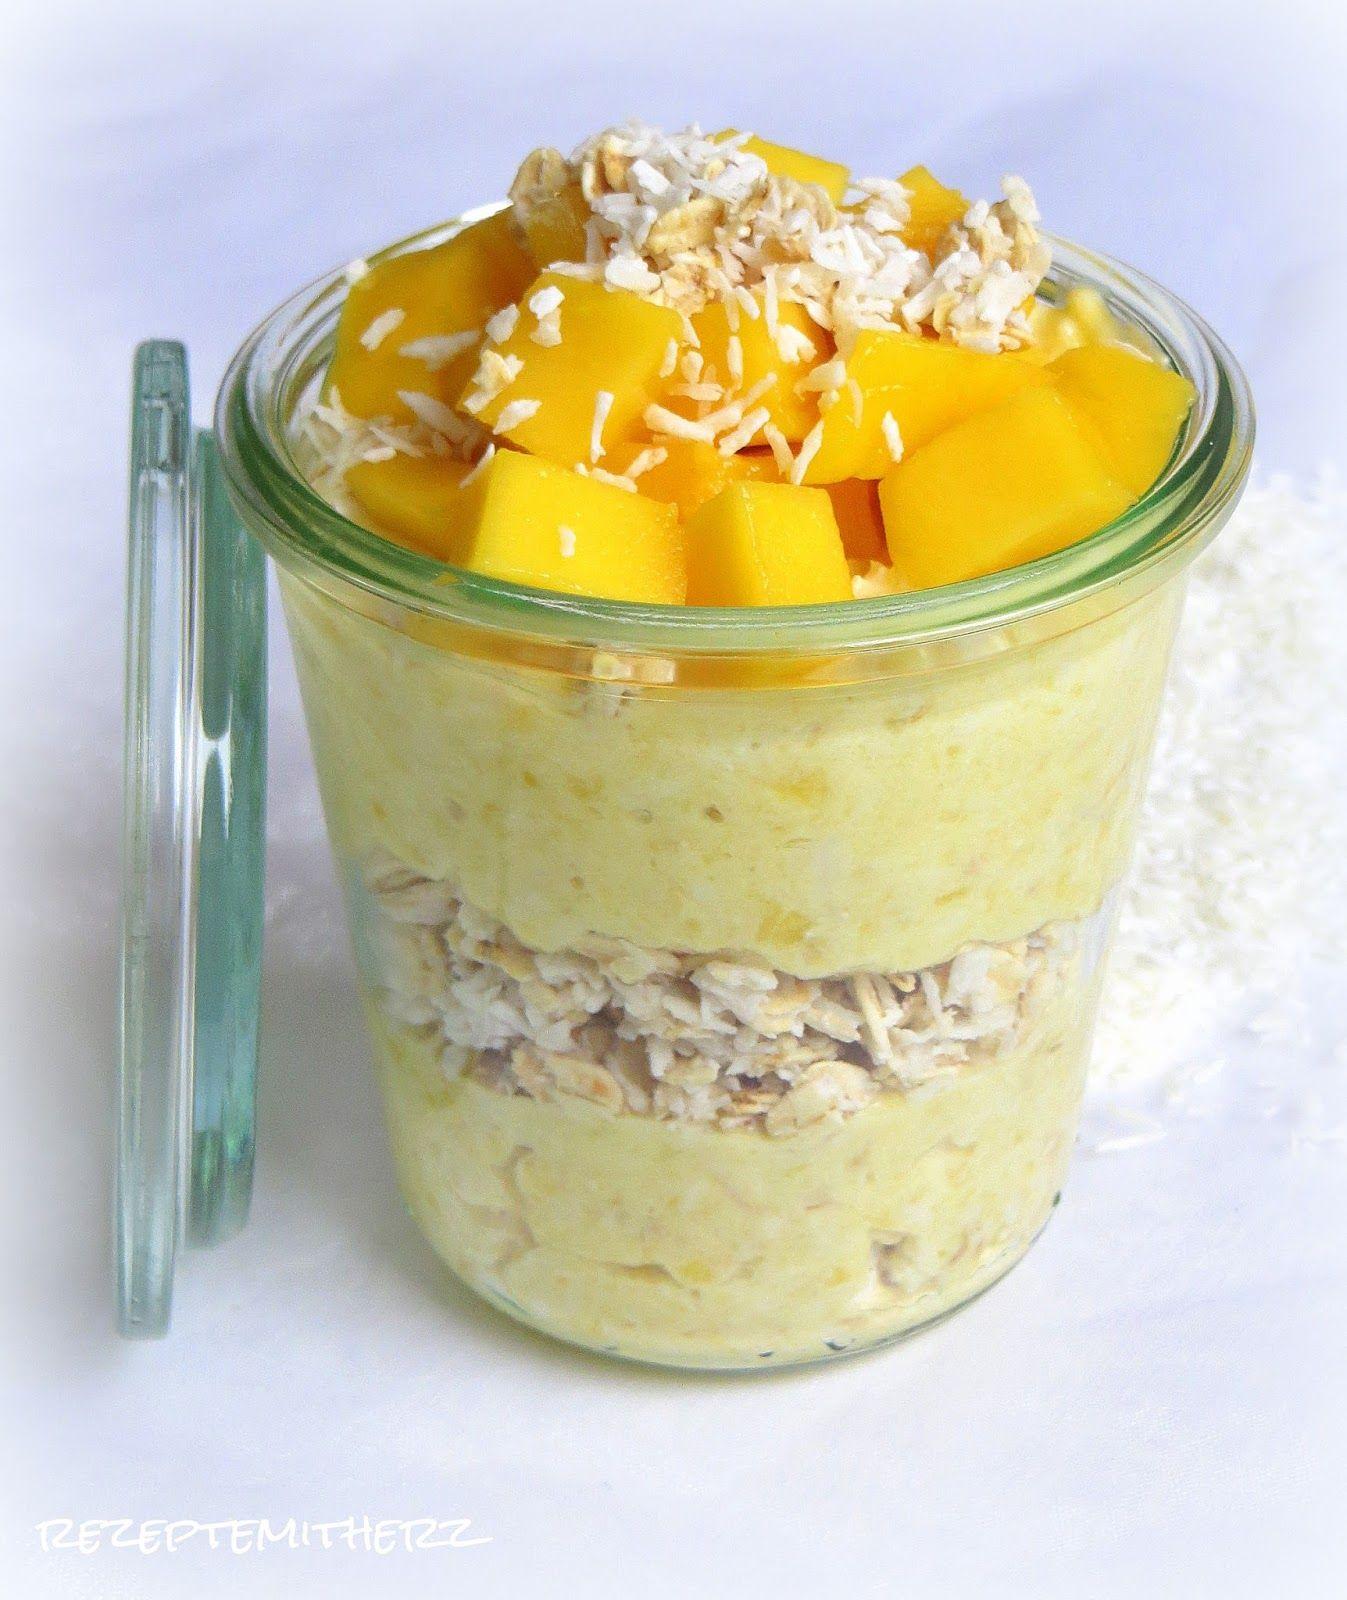 Mango-Joghurt mit Kokos-Haferflocken: 1 Mango, 200 g ...